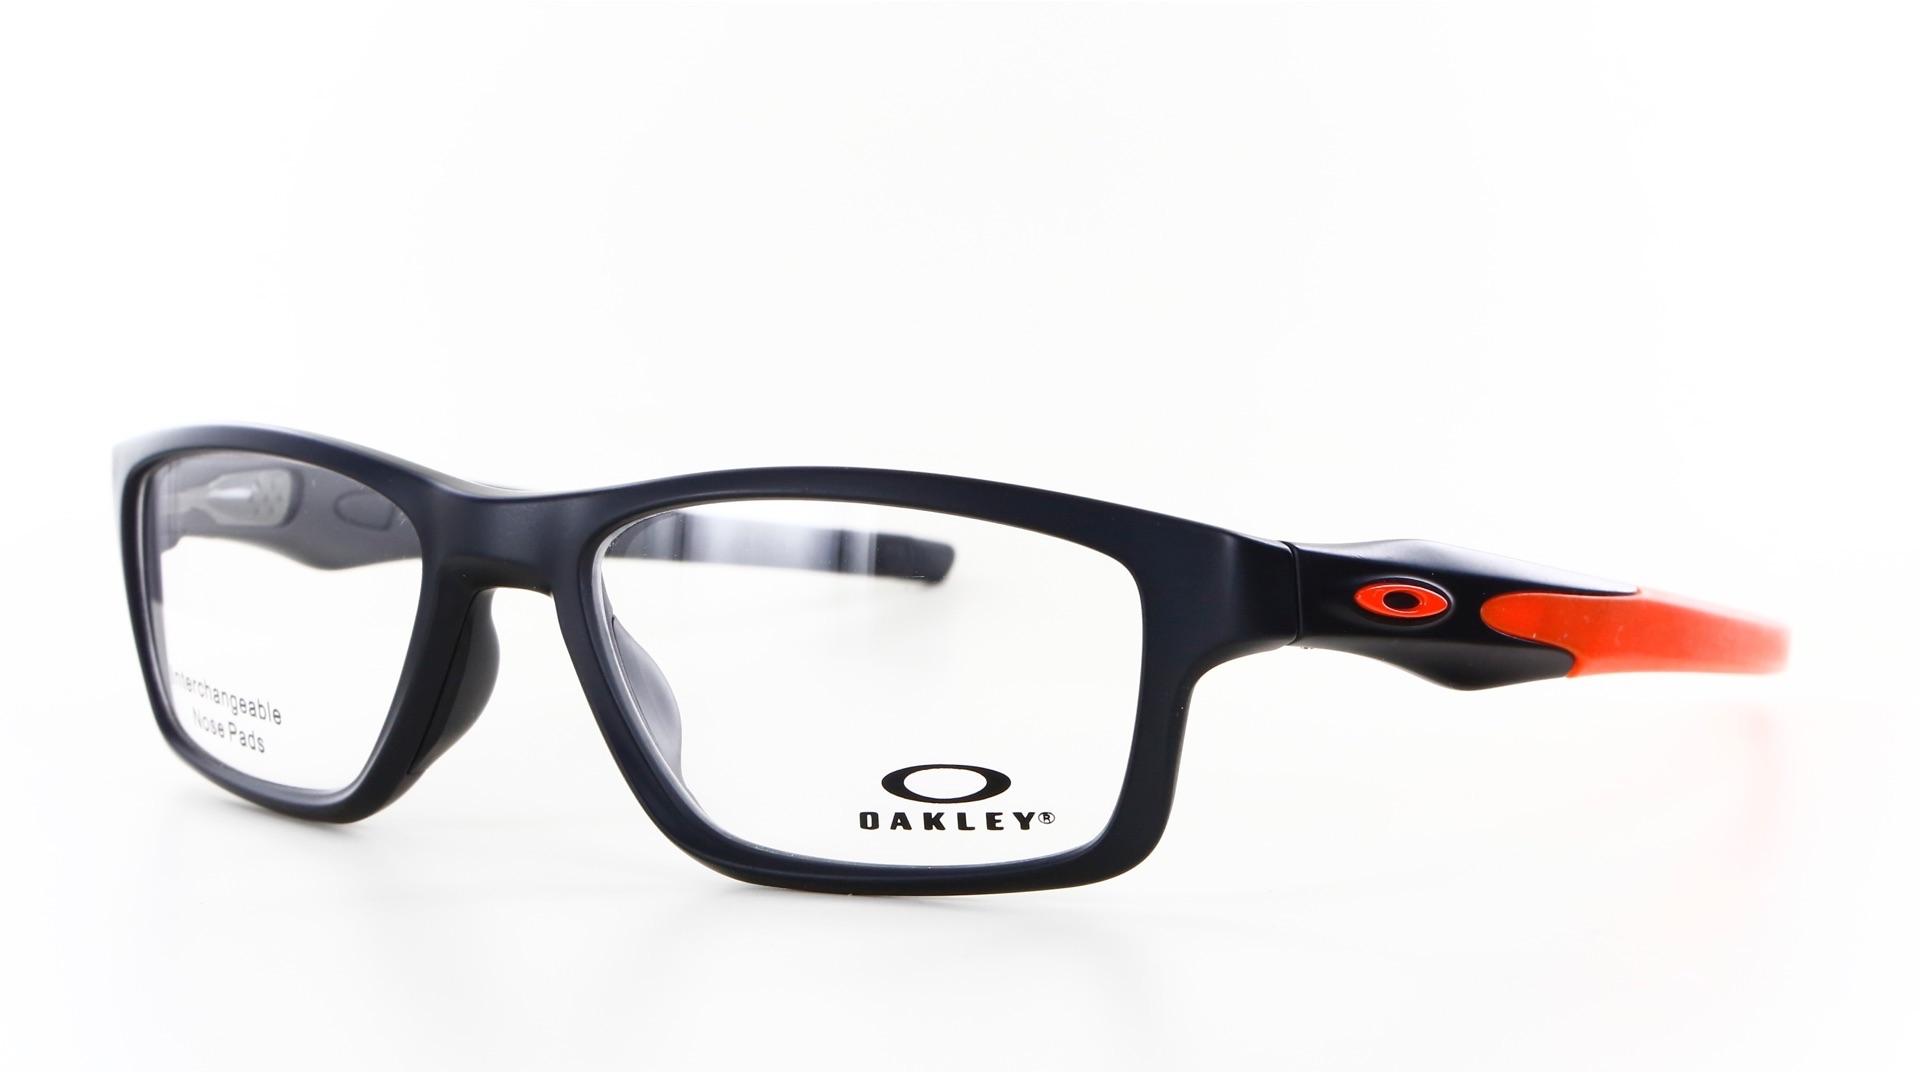 Oakley - ref: 77900